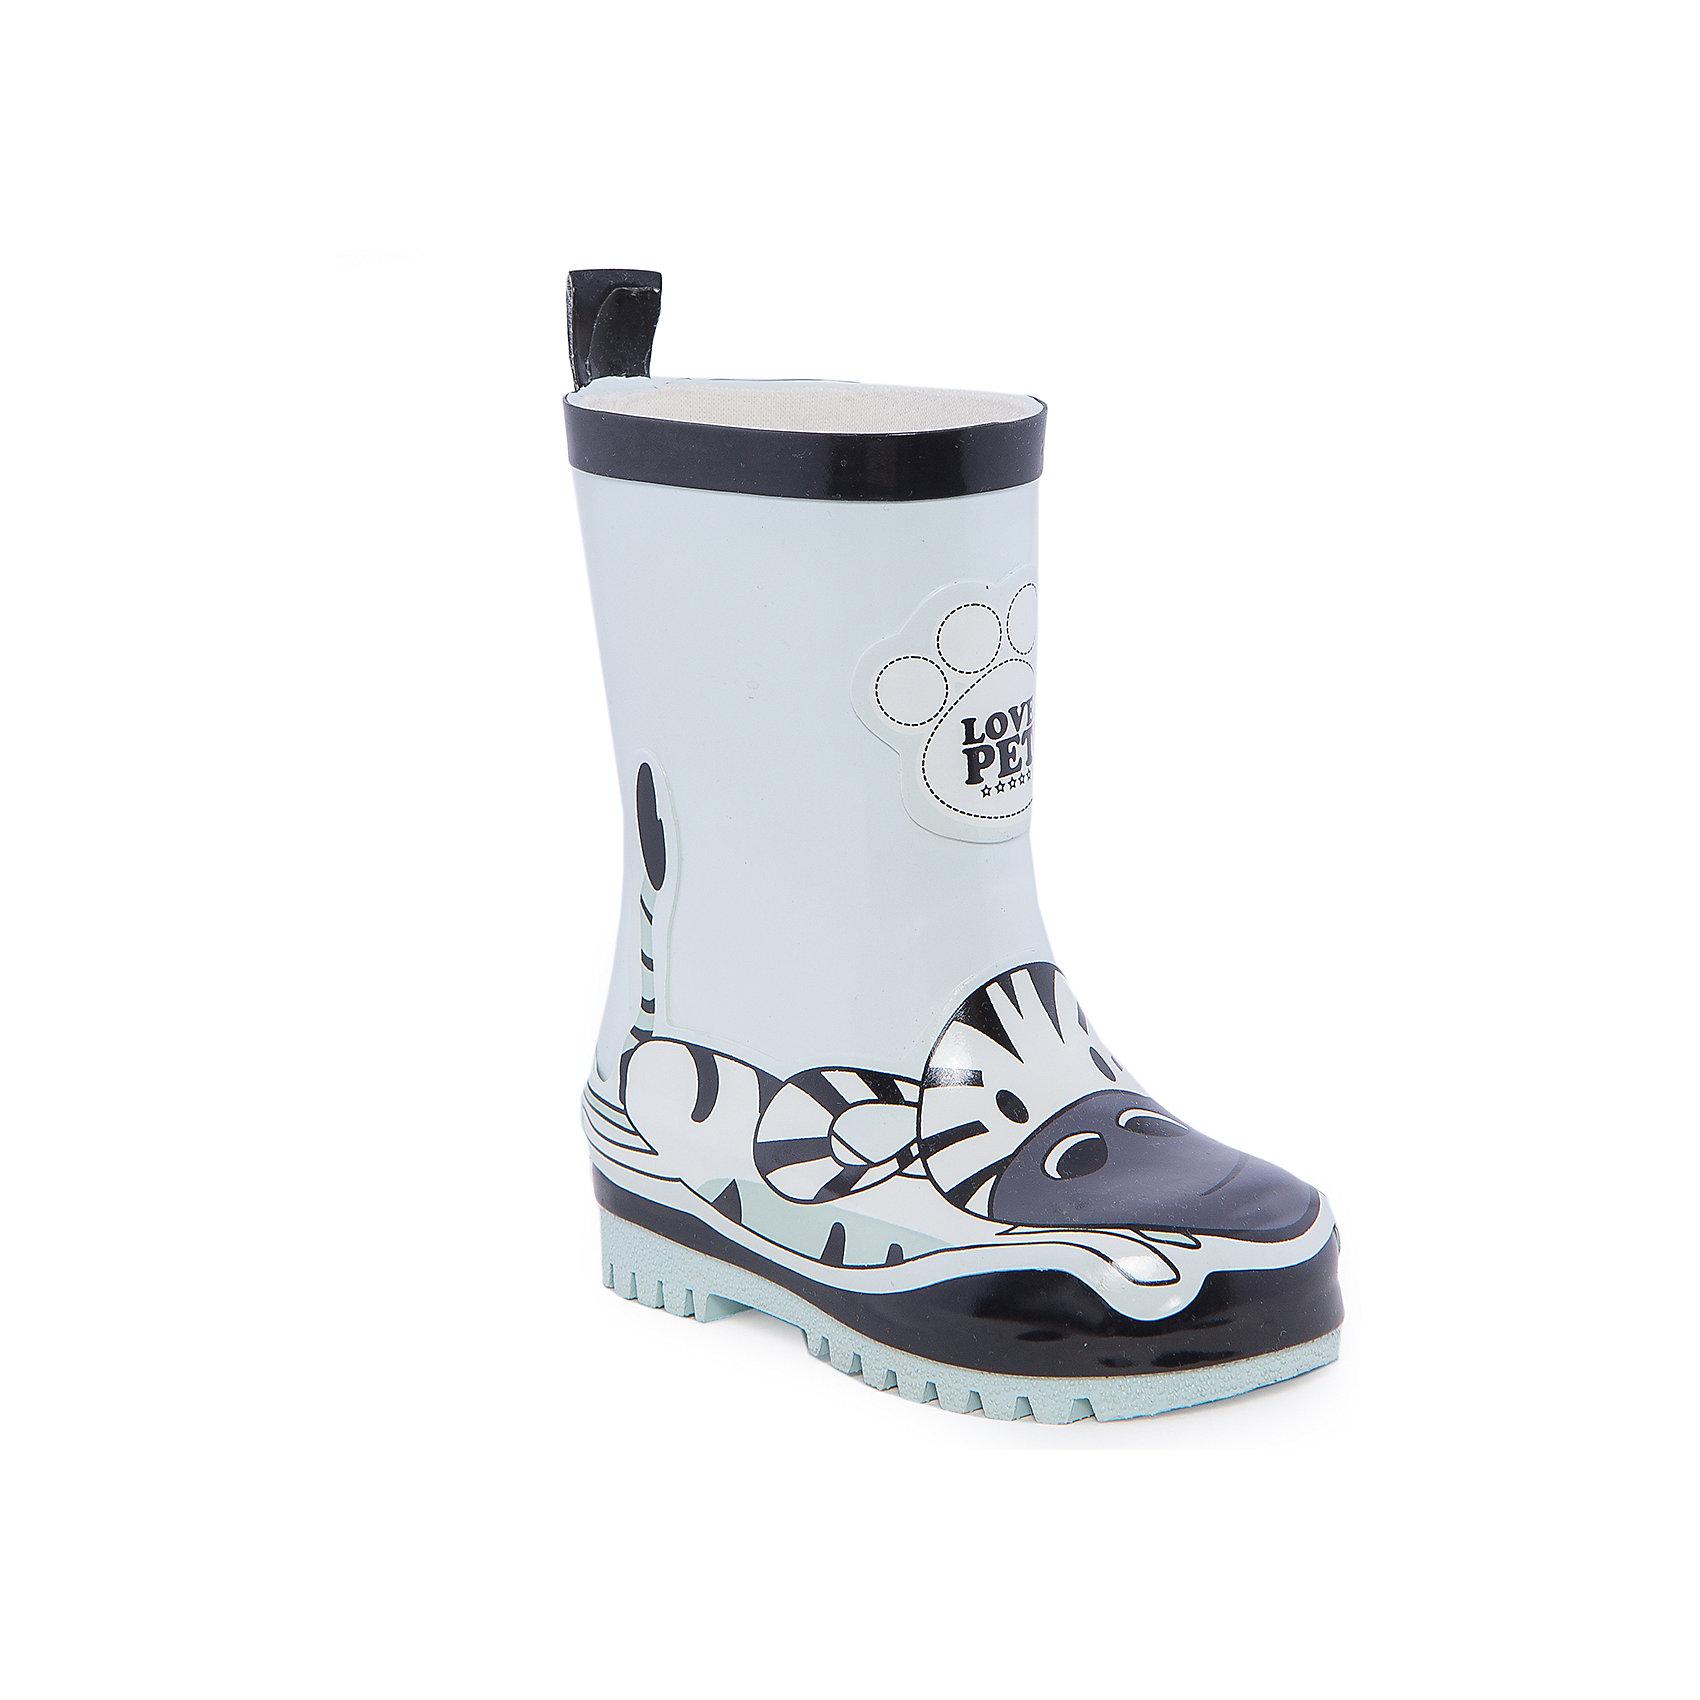 Резиновые сапоги для мальчика BebendorffРезиновые сапоги для мальчика от известного бренда Bebendorff<br><br>Стильные и прочные сапоги сделаны из качественной резины. Они позволят защитить ноги ребенка от сырости и обеспечат комфорт. Высокое голенище защитит одежду от грязи и влаги.<br><br>Отличительные особенности модели:<br><br>- цвет: черный, белый;<br>- удобная колодка;<br>- высокое голенище;<br>- качественные материалы;<br>- толстая устойчивая подошва;<br>- хлопковая подкладка;<br>- декорированы принтом зебра;<br>- подошва рифленая.<br><br>Дополнительная информация:<br><br>Температурный режим: от + 5° С до + 20° С.<br><br>Состав:<br>верх - резина;<br>подкладка - хлопок;<br>стелька - хлопок;<br>подошва - резина.<br><br>Резиновые сапоги для мальчика Bebendorff (Бебендорф) можно купить в нашем магазине.<br><br>Ширина мм: 237<br>Глубина мм: 180<br>Высота мм: 152<br>Вес г: 438<br>Цвет: белый/черный<br>Возраст от месяцев: 84<br>Возраст до месяцев: 96<br>Пол: Мужской<br>Возраст: Детский<br>Размер: 25,22,31,27,20,21,23,24,26,28,29,30<br>SKU: 4554585